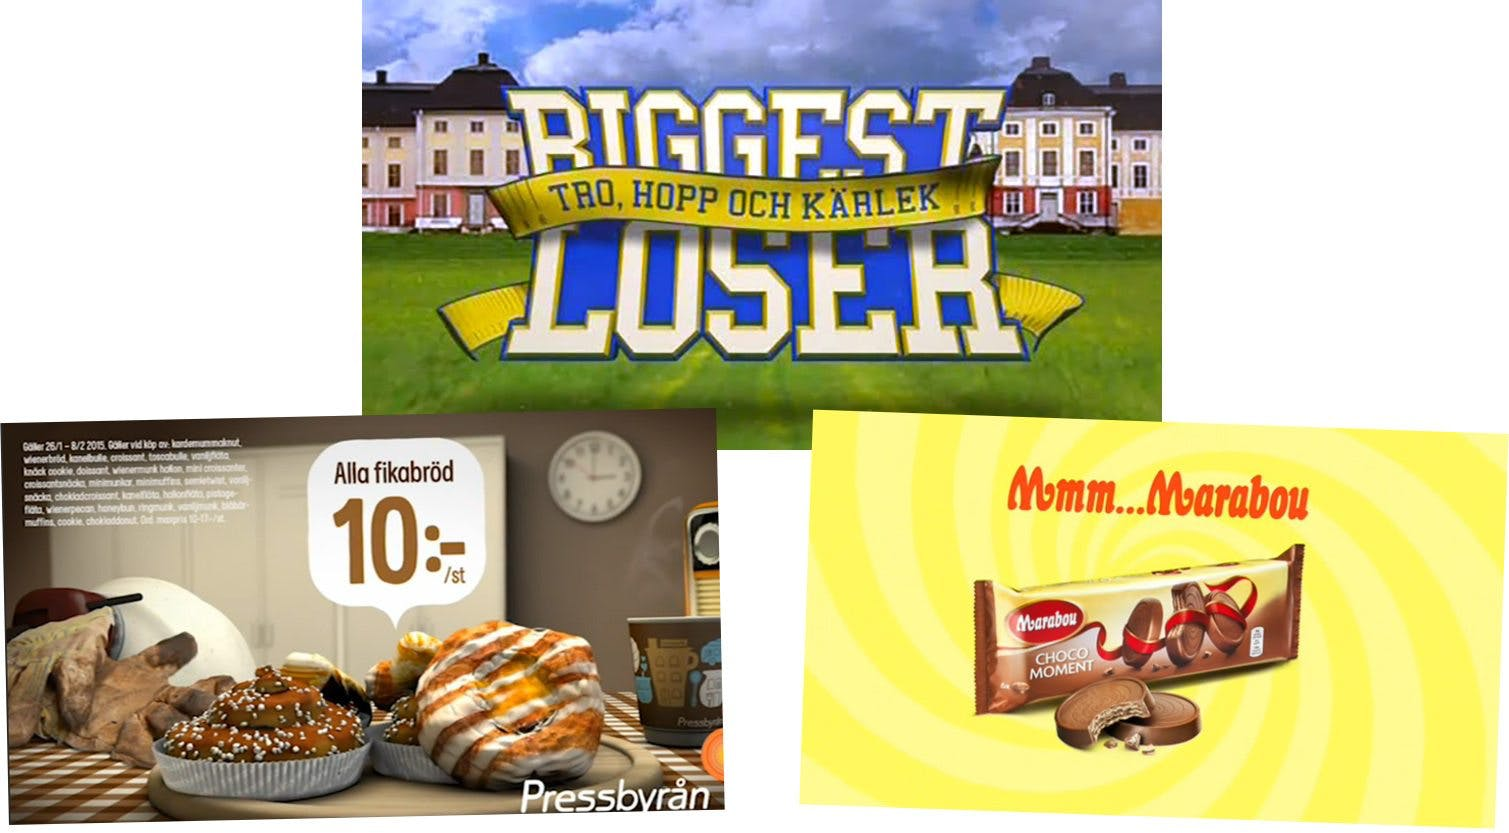 Biggest Loser – Tro, bullar och choklad